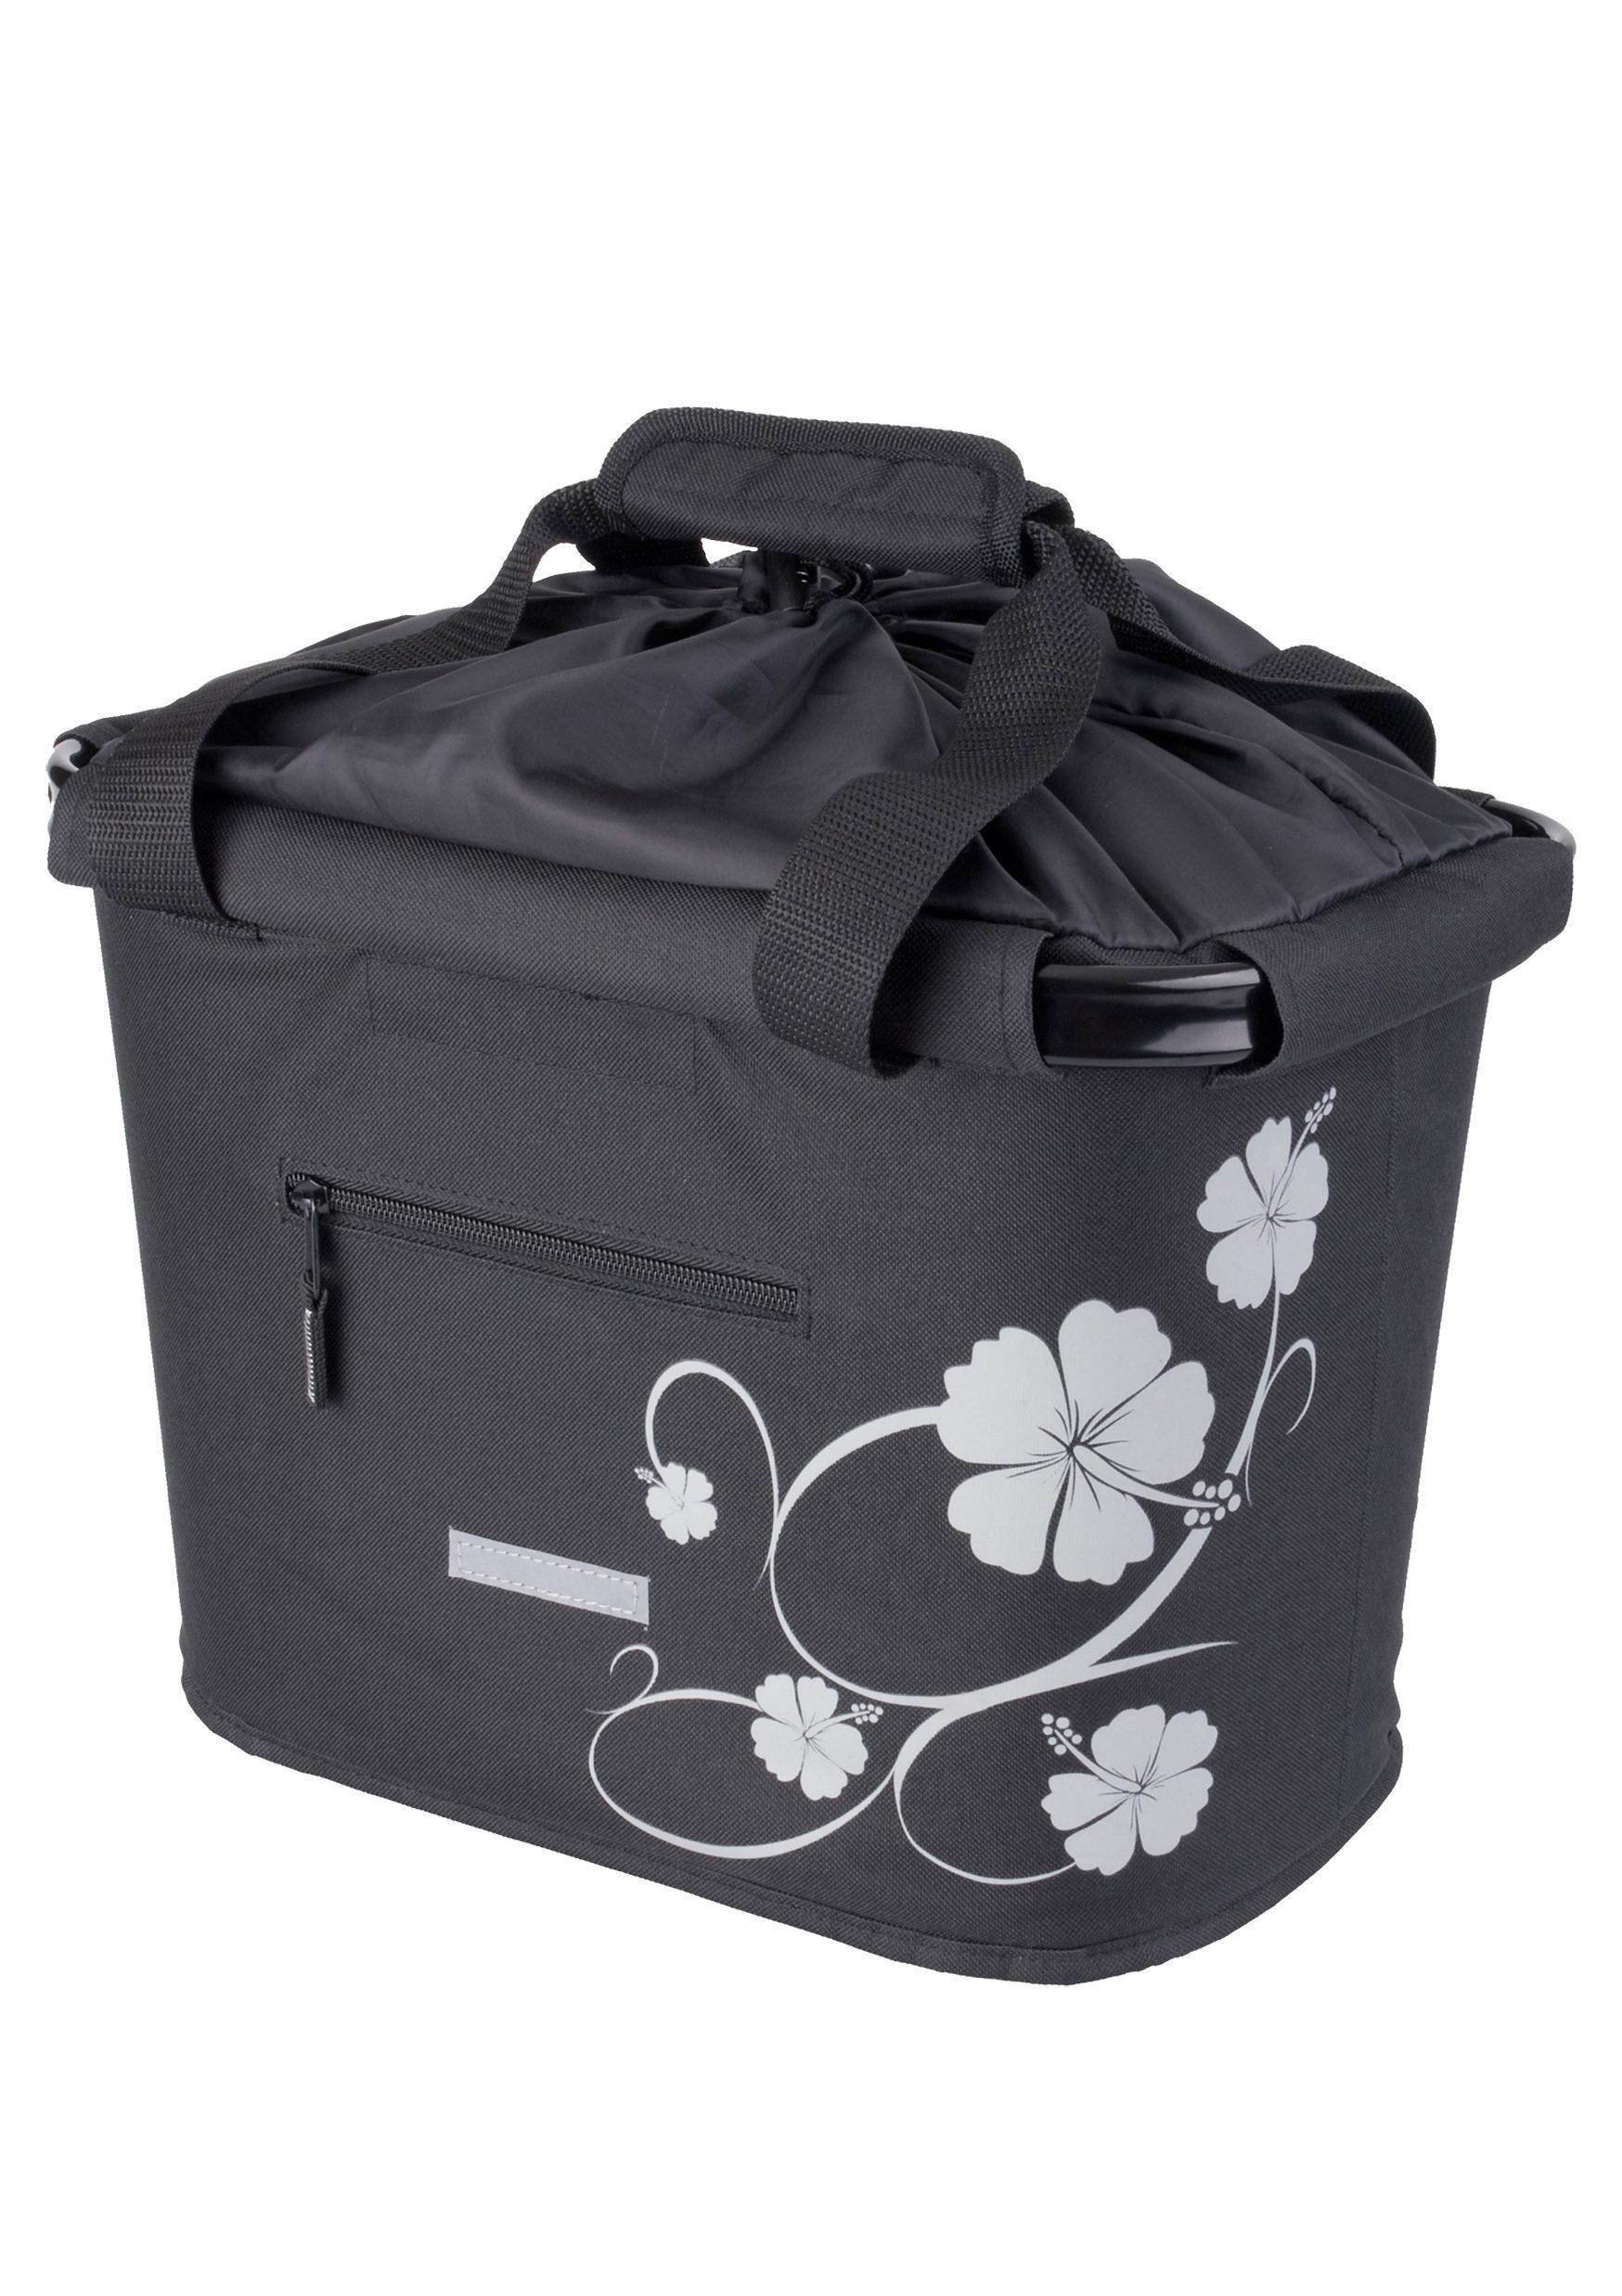 Blue Bird Fahrradtasche »Shopping Bag Hibiskus« | Taschen > Businesstaschen > Fahrrad-taschen Büro | Schwarz | Pe | BLUE BIRD